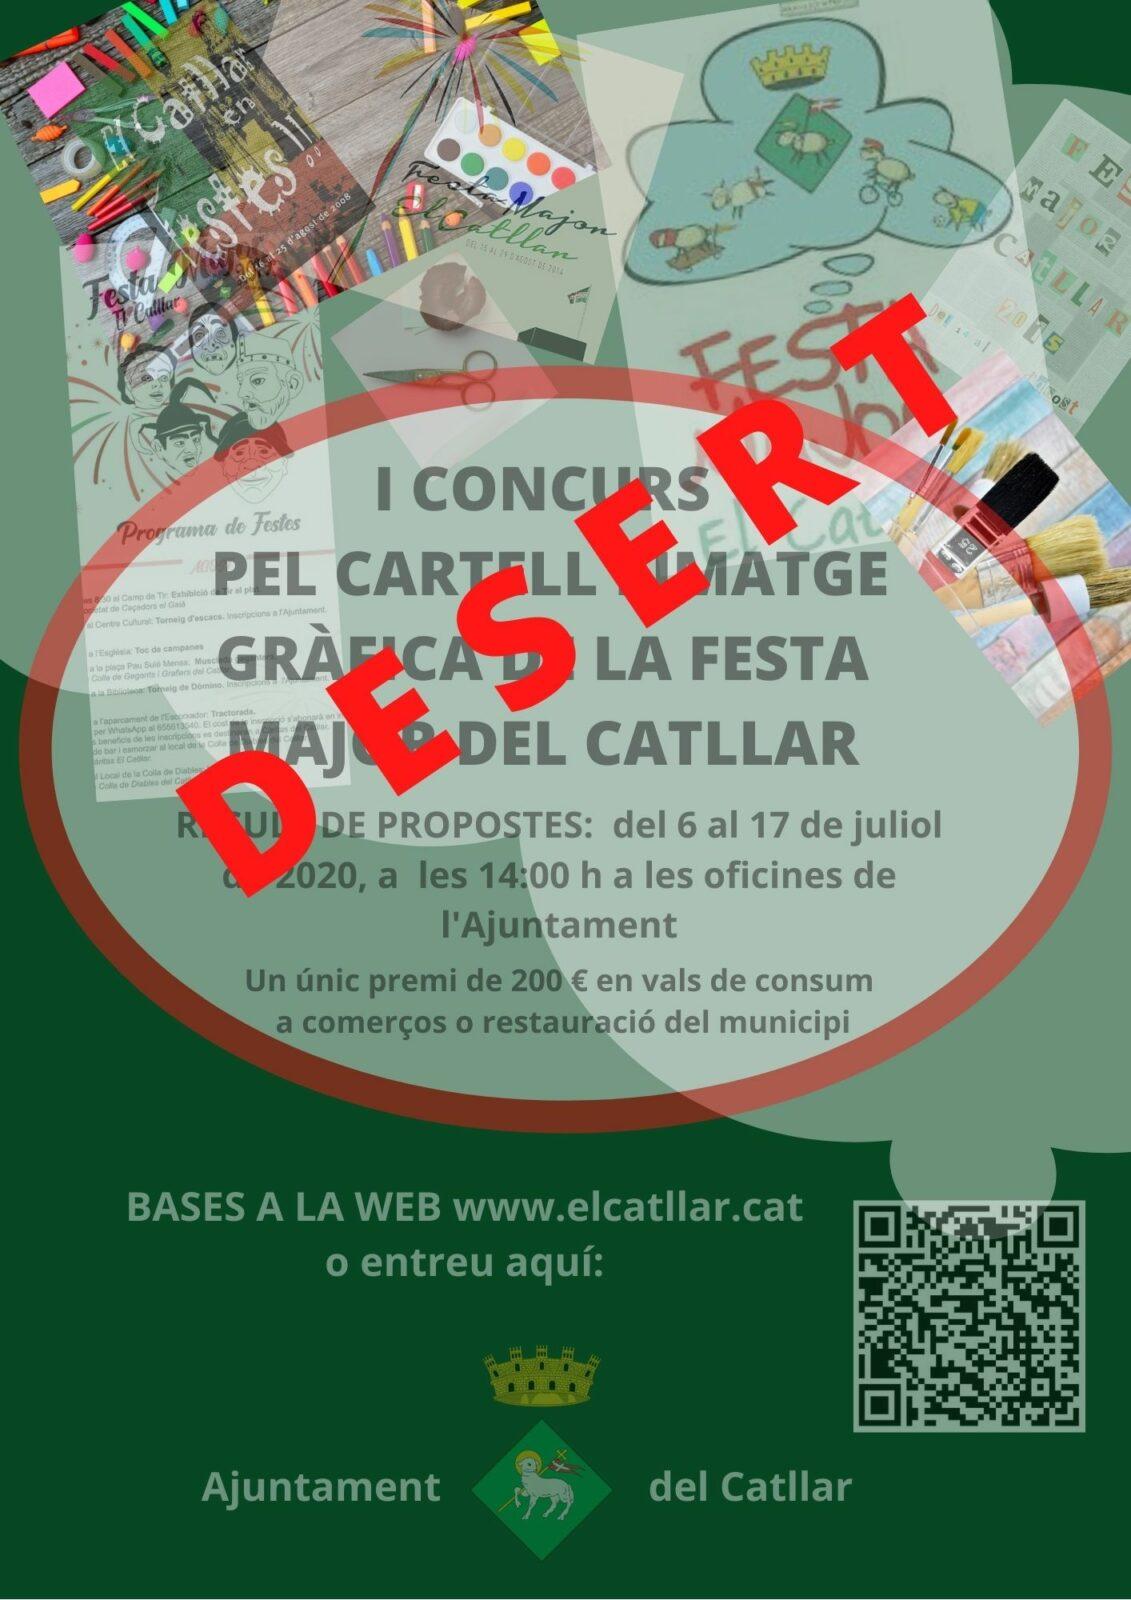 EL CONCURS PEL CARTELL I IMATGE GRÀFICA DE LA FESTA MAJOR D'ENGUANY, ES DECLARA DESERT